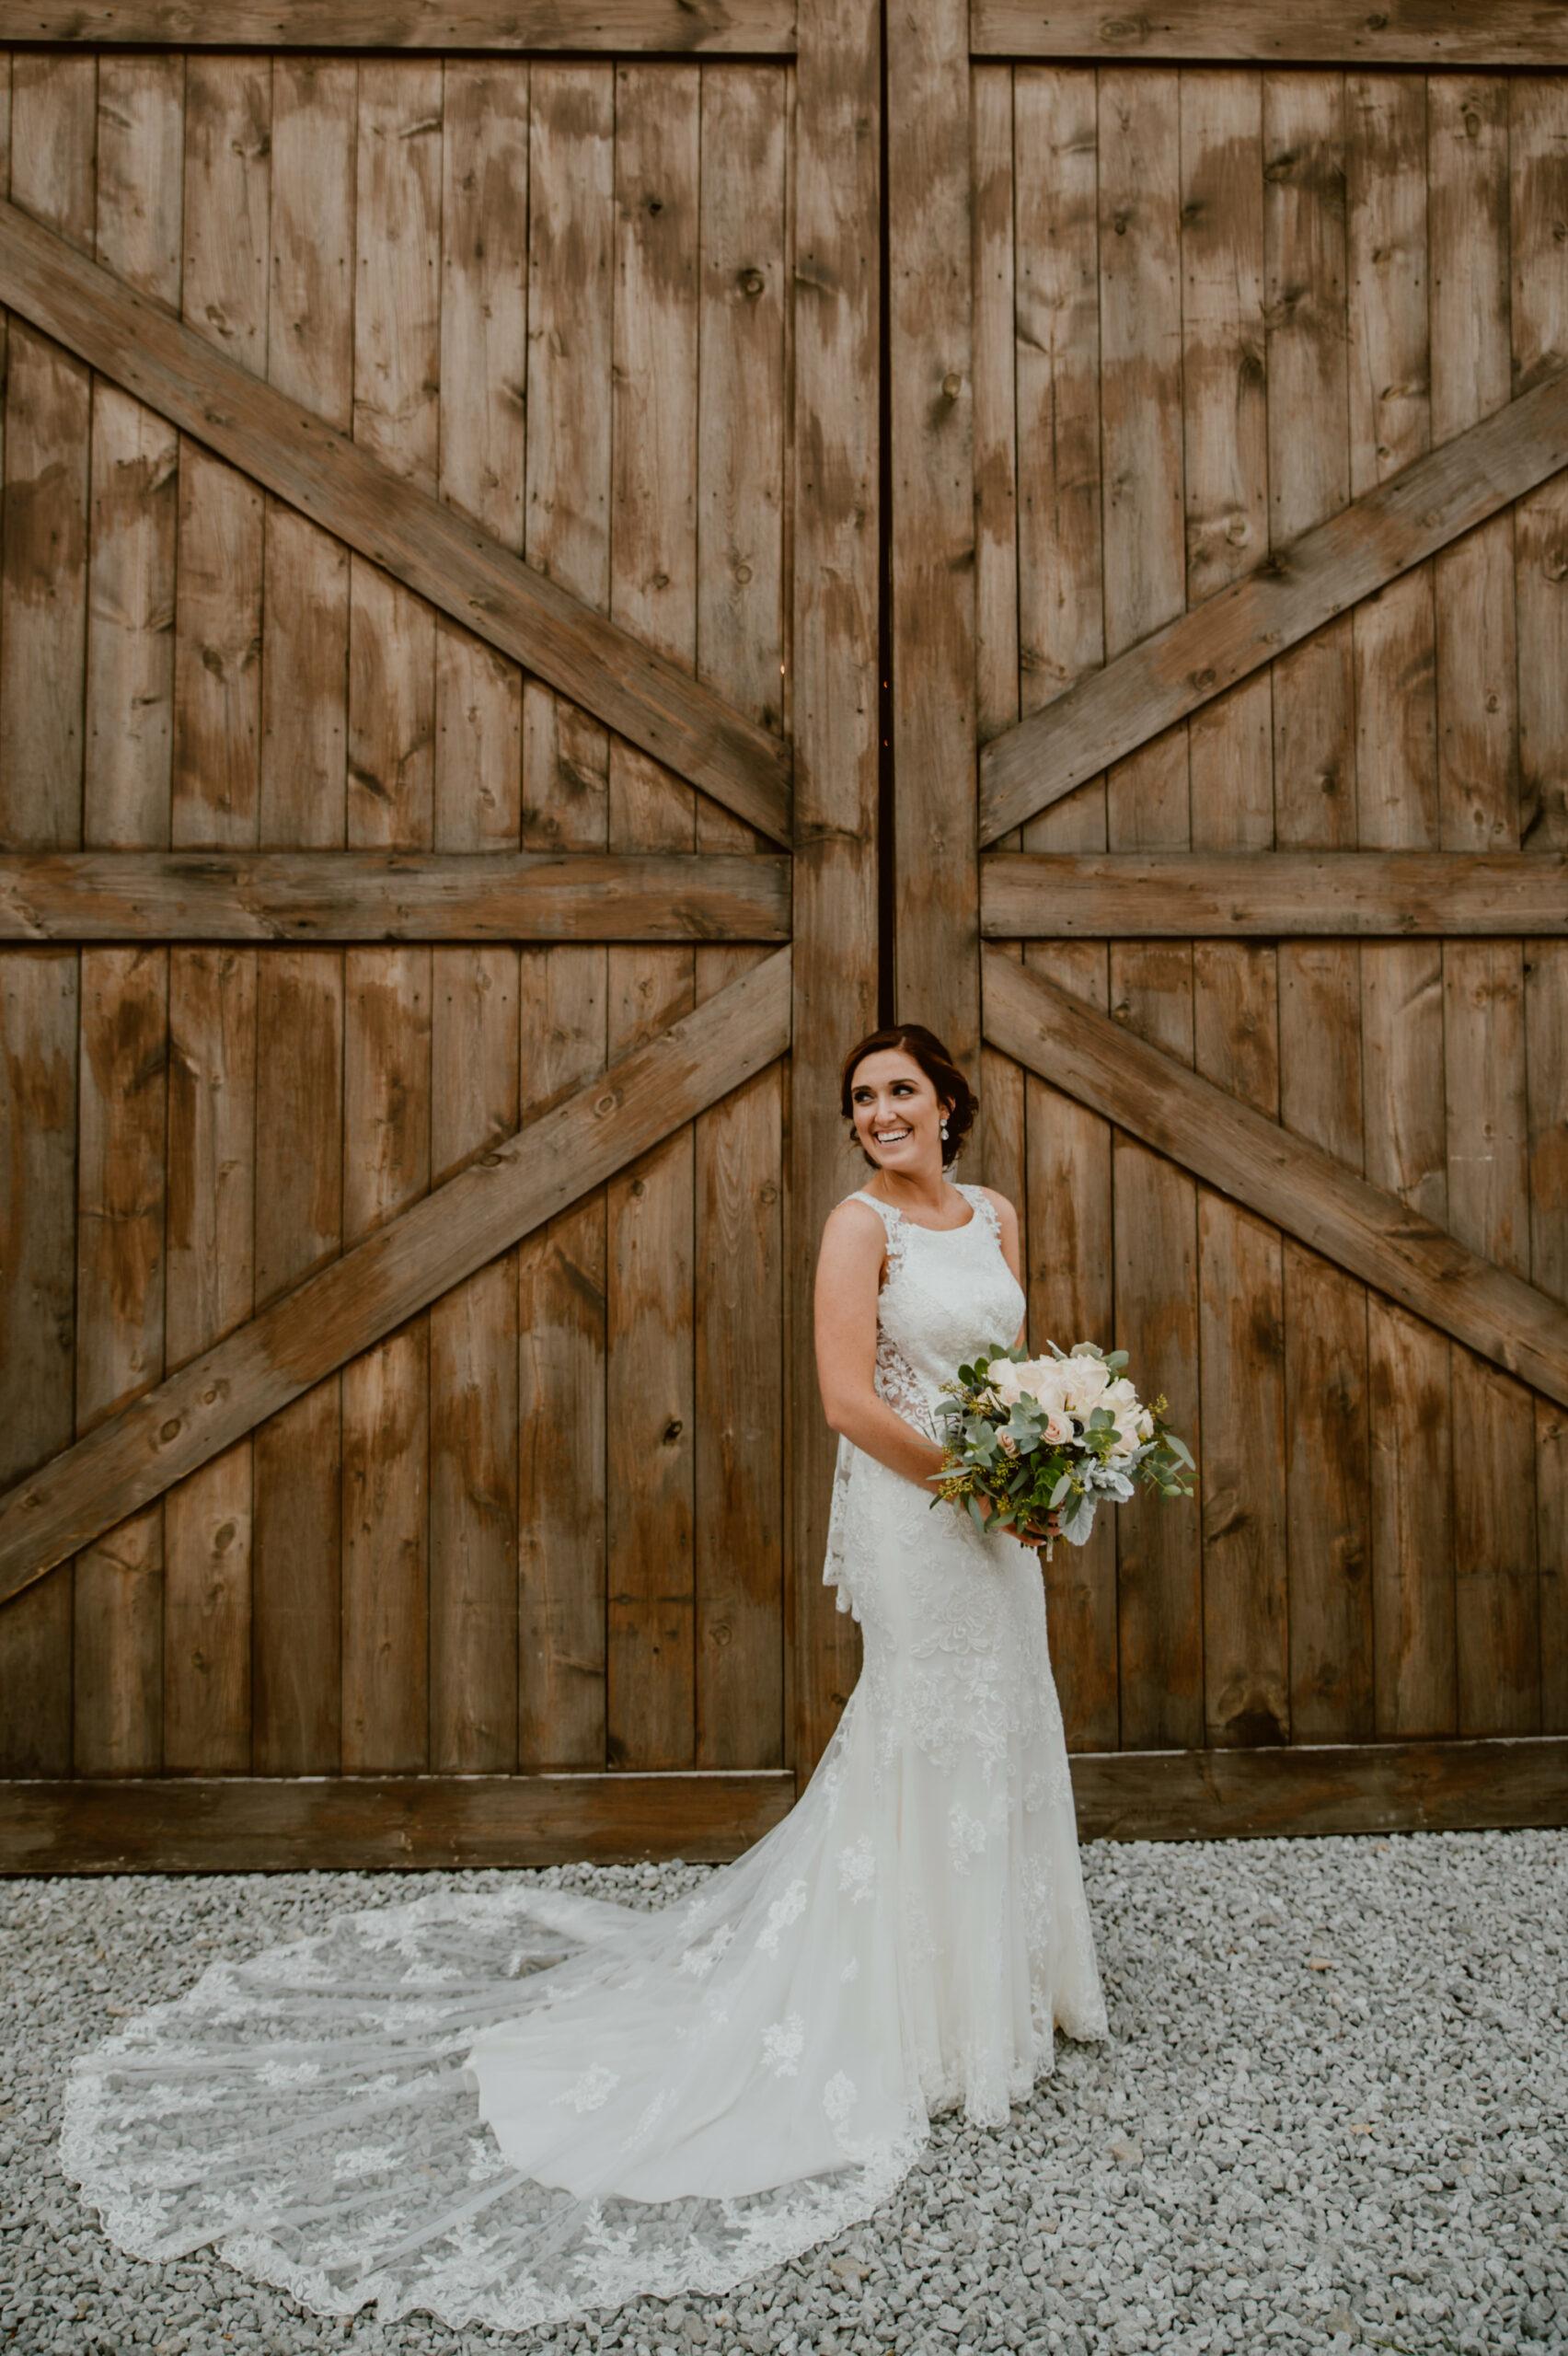 Kaila Sarene Photography — Kim and Keenan The Buckeye Barn. Custom bridal bouquet by Faulks Floral Co